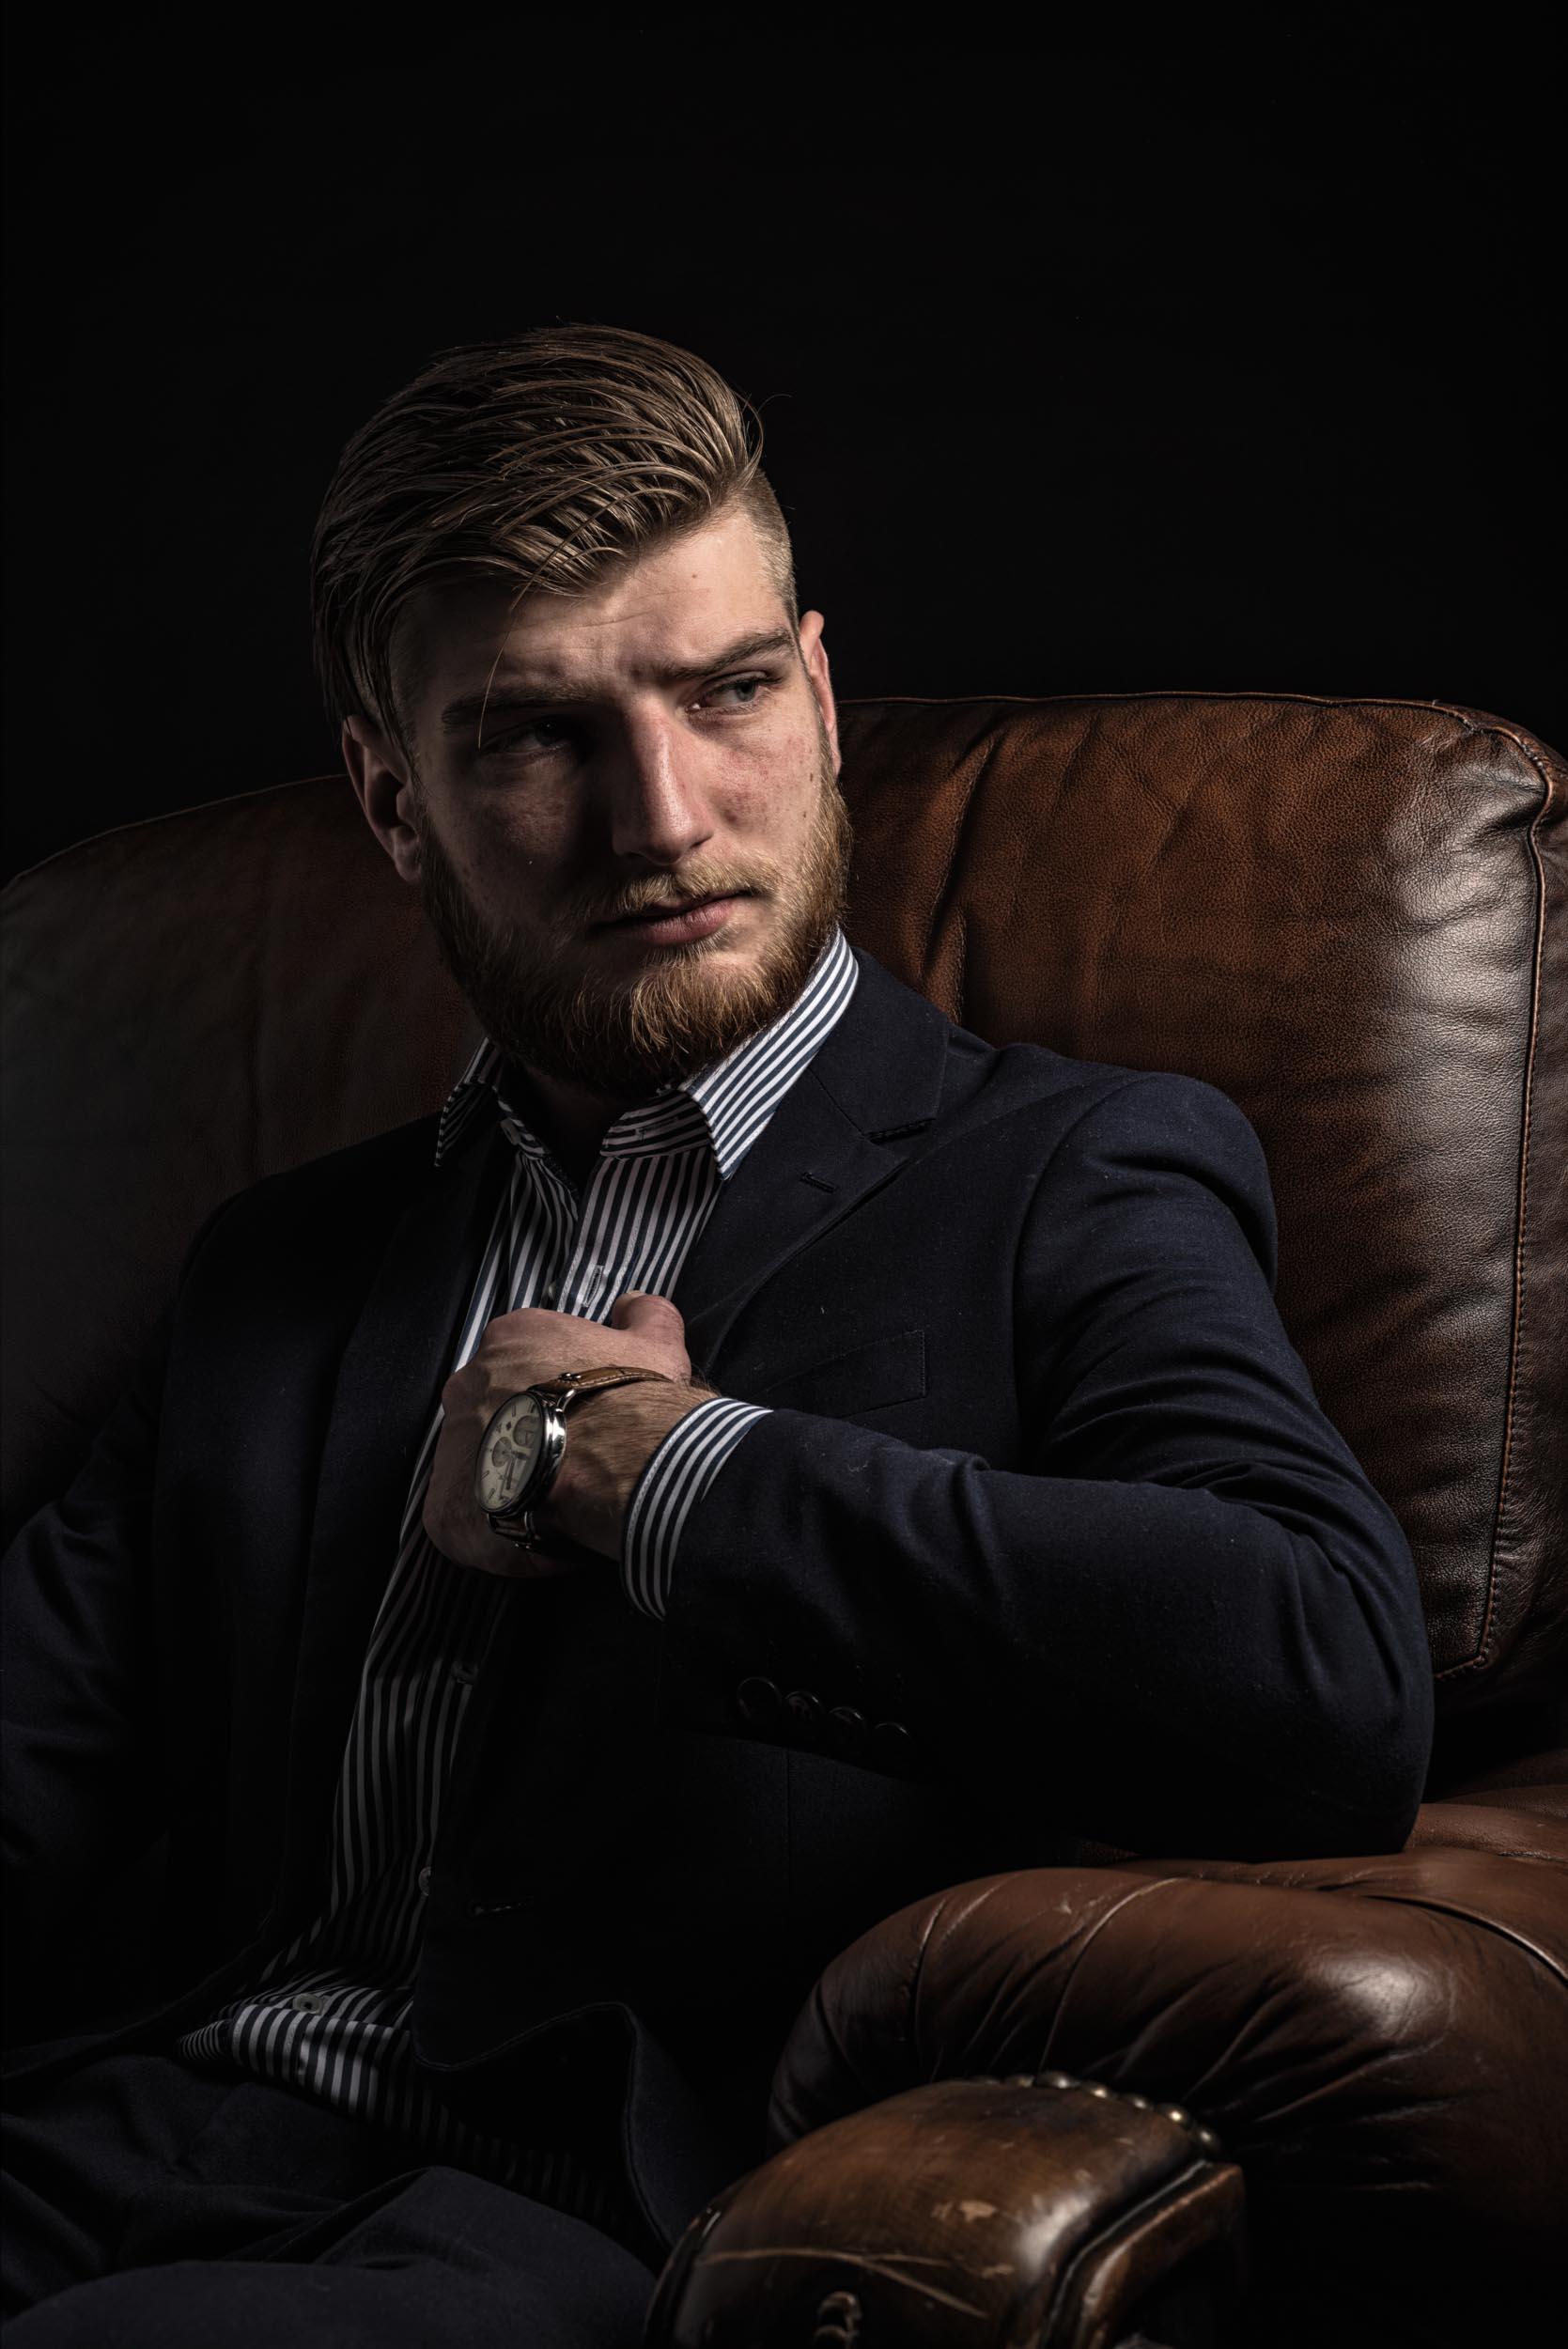 Fotoshoot Studio - Emiel - Bearded Men Boss Looks